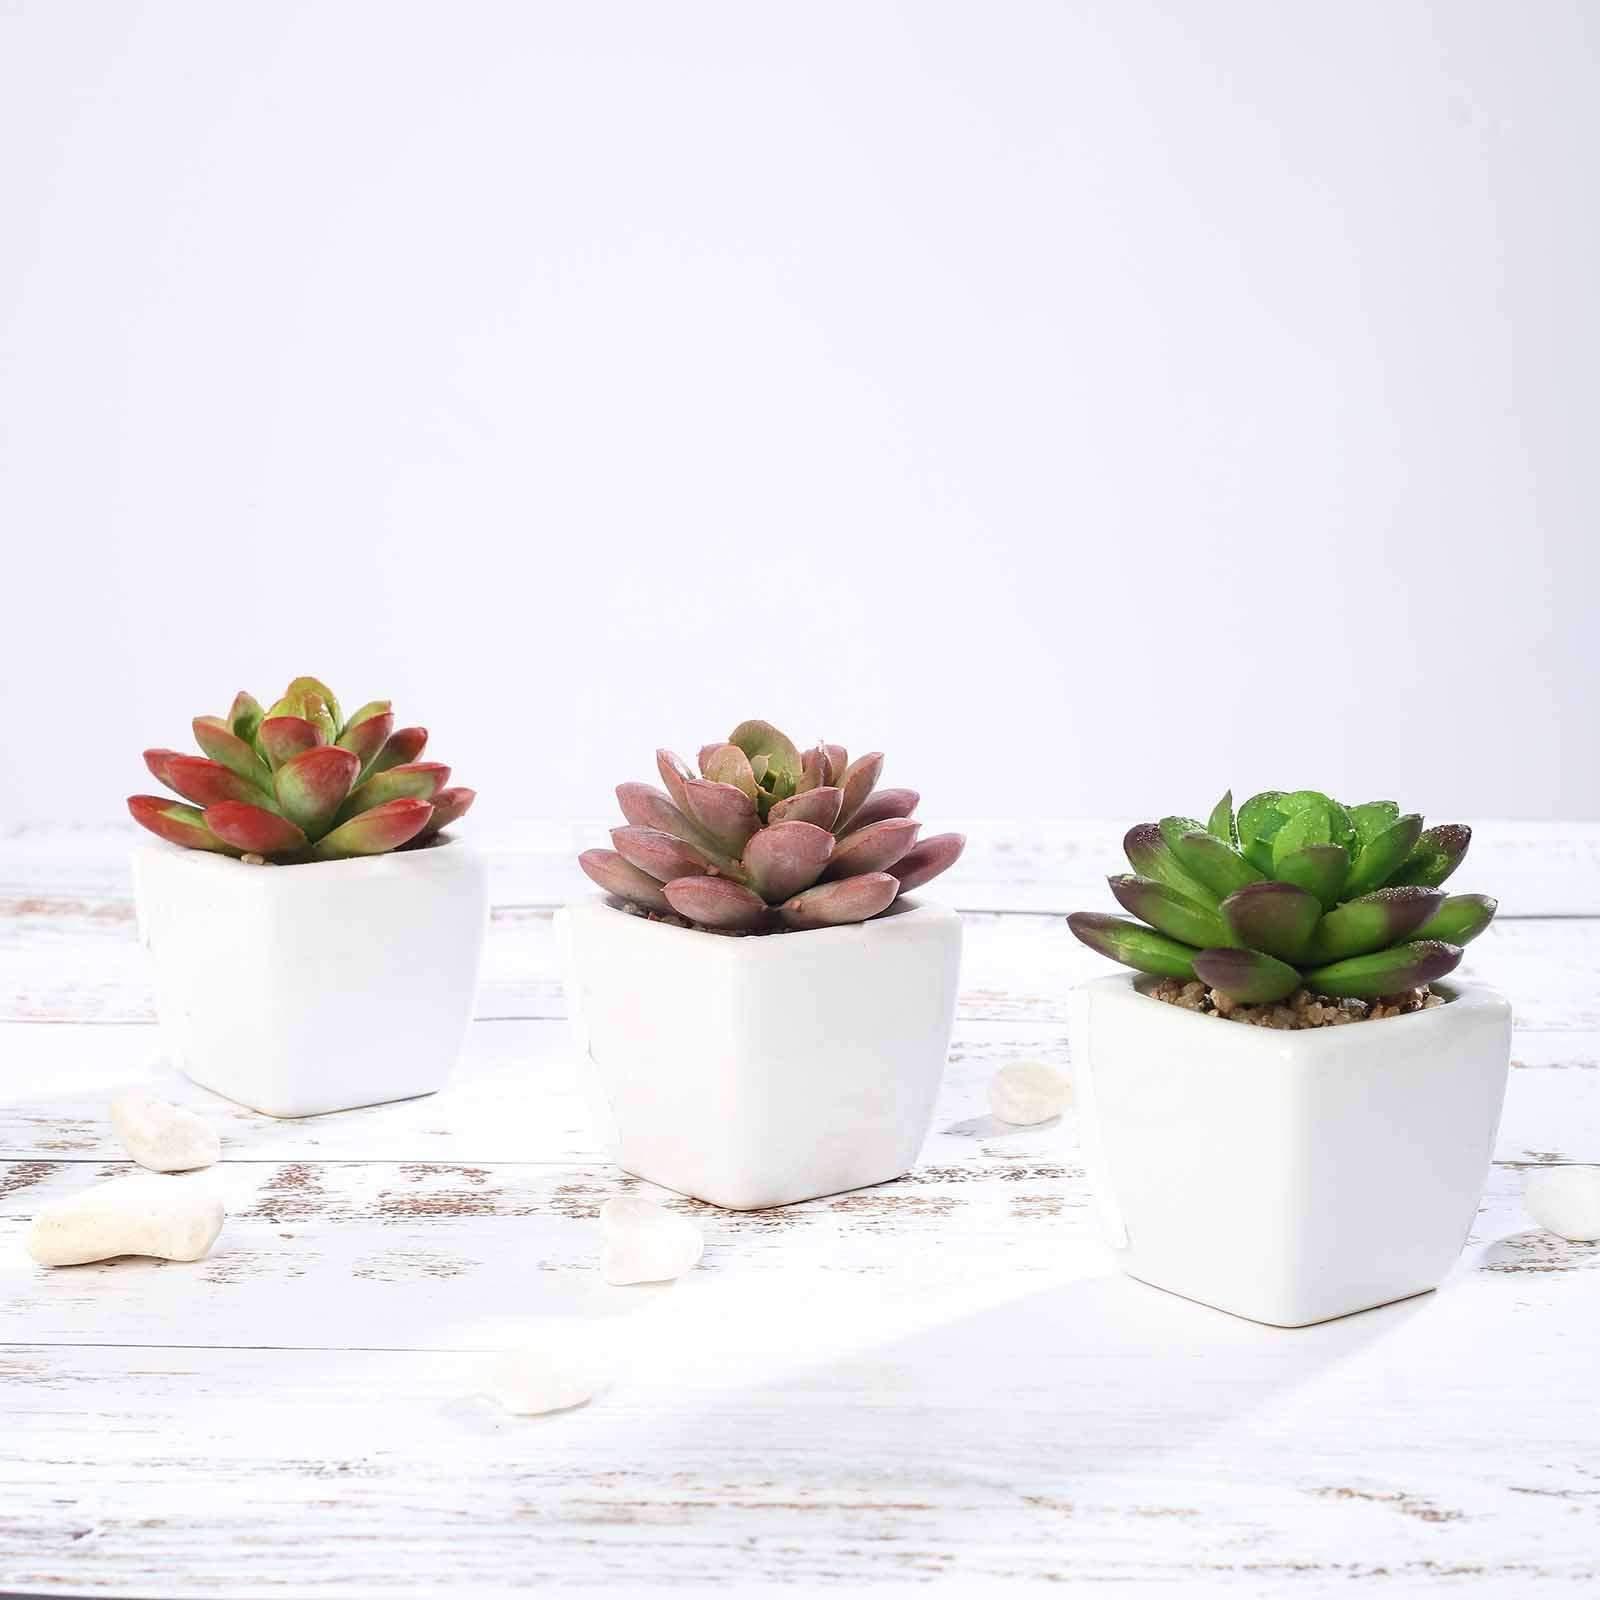 Vous pouvez aussi décorer votre maison avec ces petites Echeverias